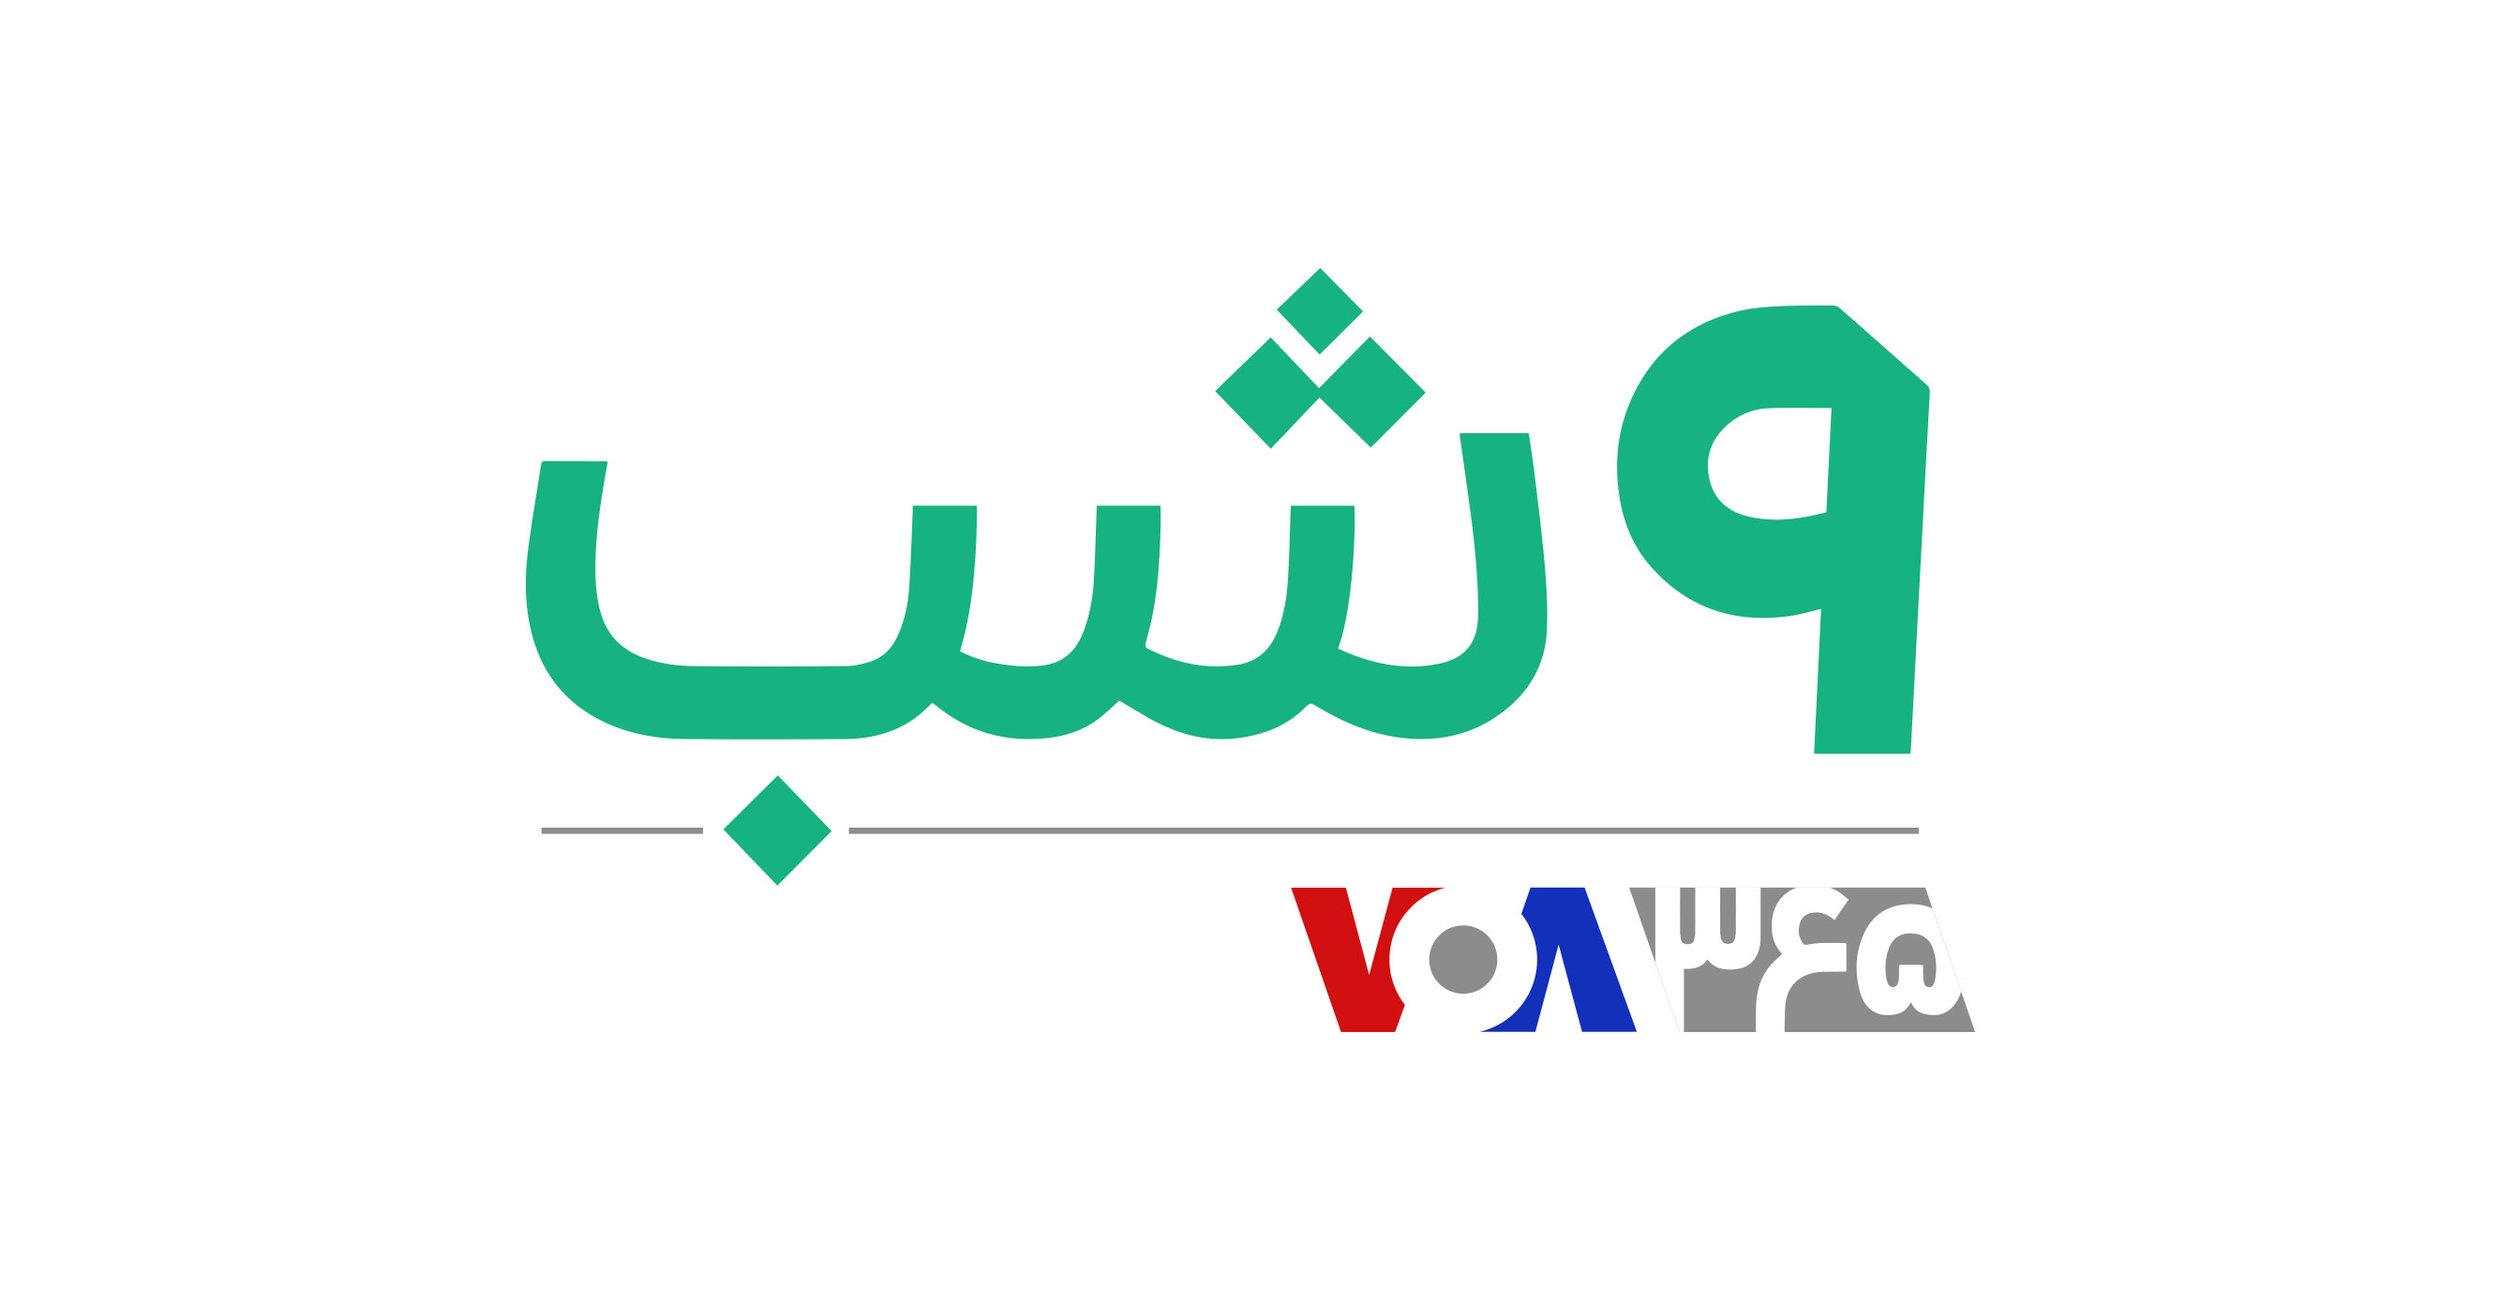 VOA_N9_02_LOGO_WIP02.jpg